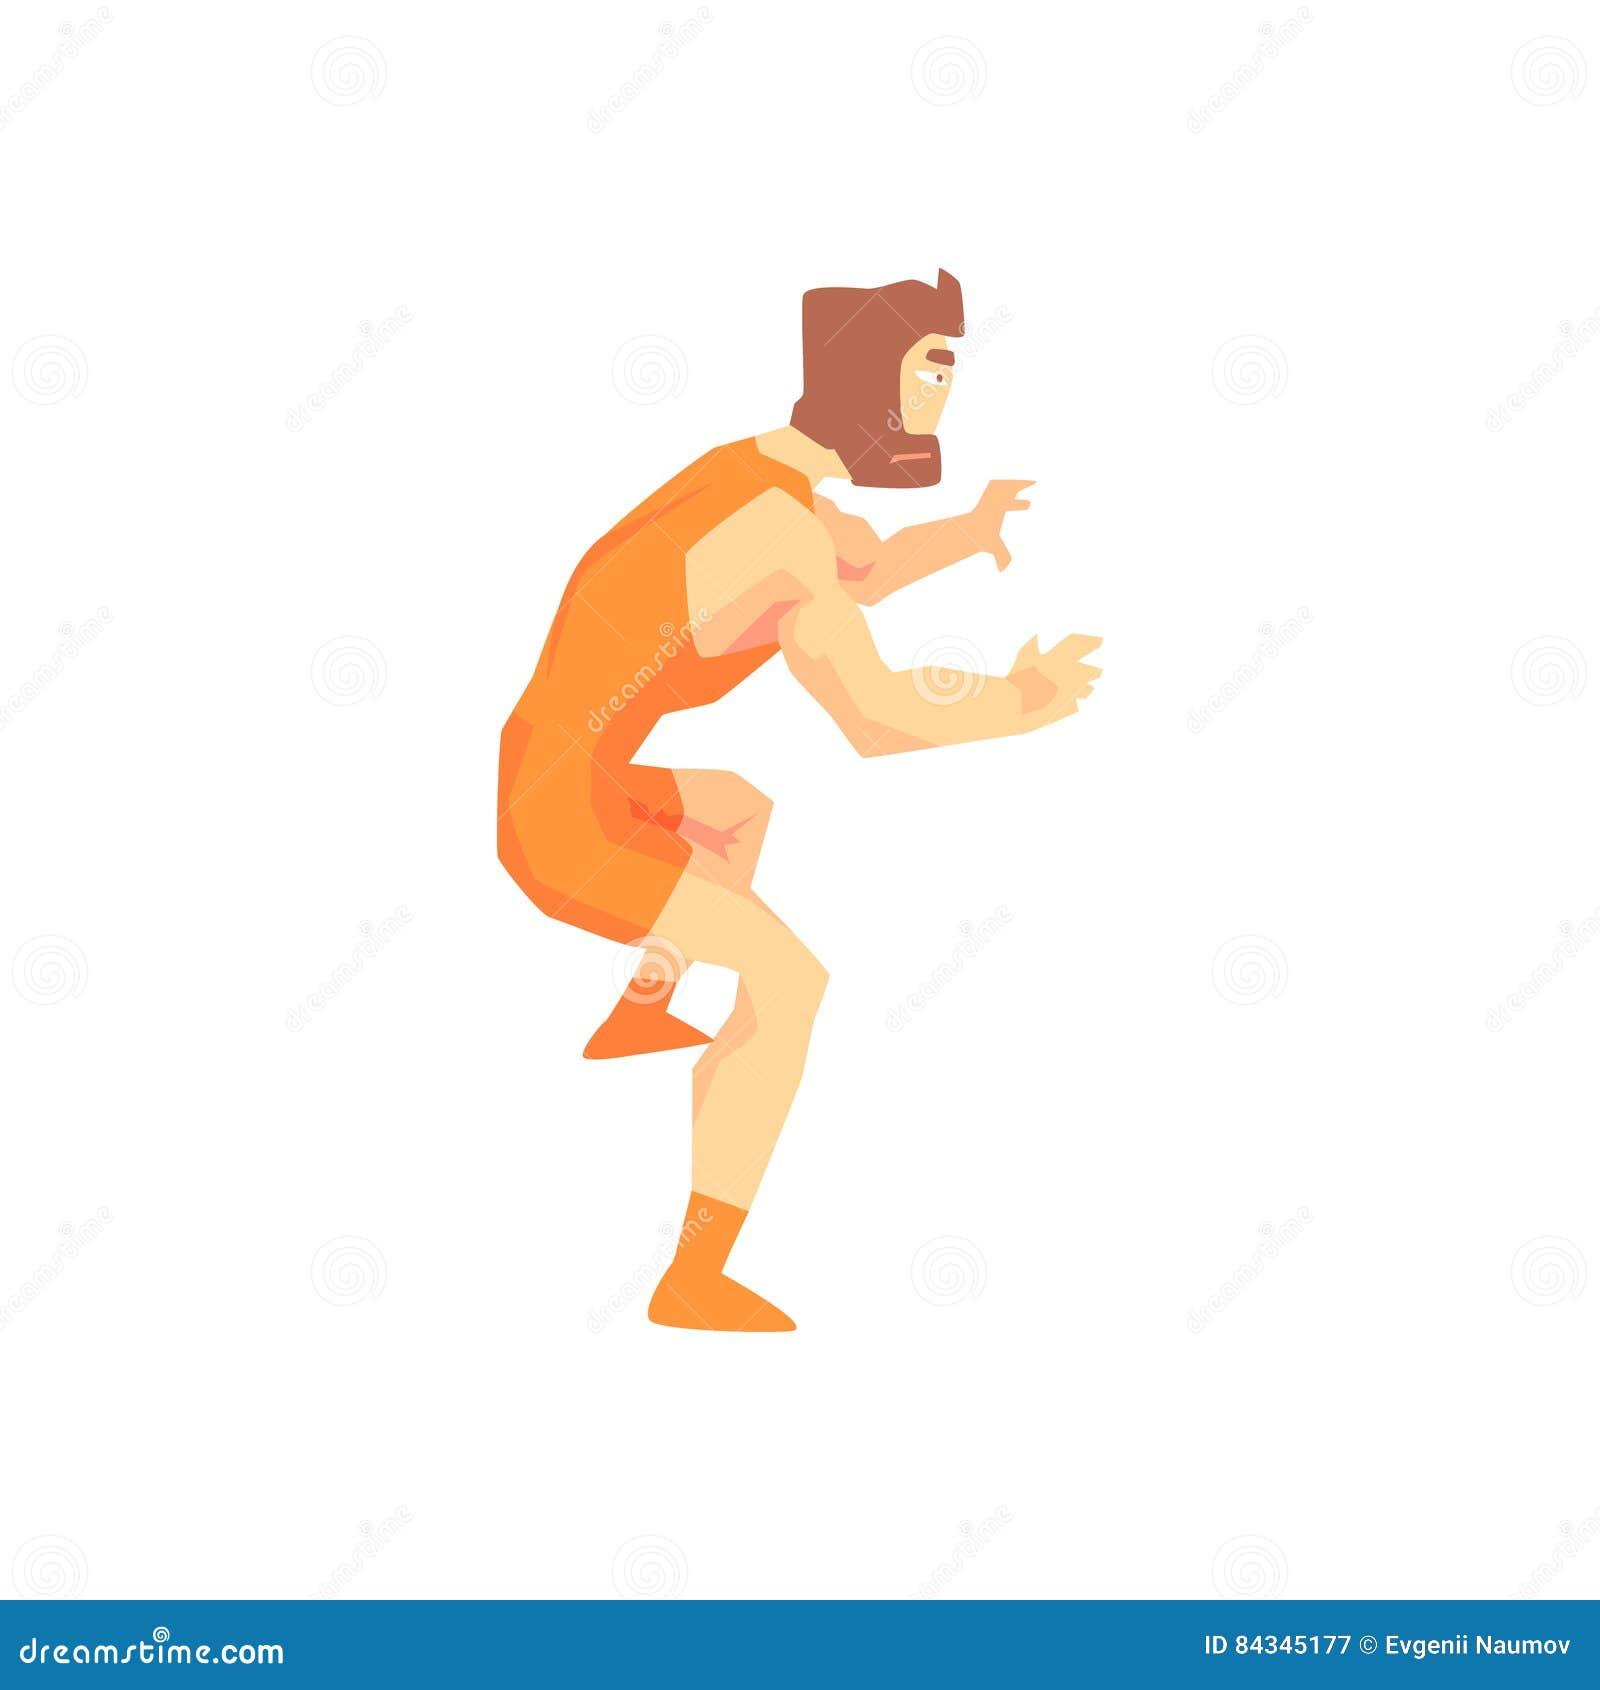 De Vechter van Skinniguy greco-roman wrestling martial arts, Vechtende Sportenberoeps in het Traditionele Sportief Vechten